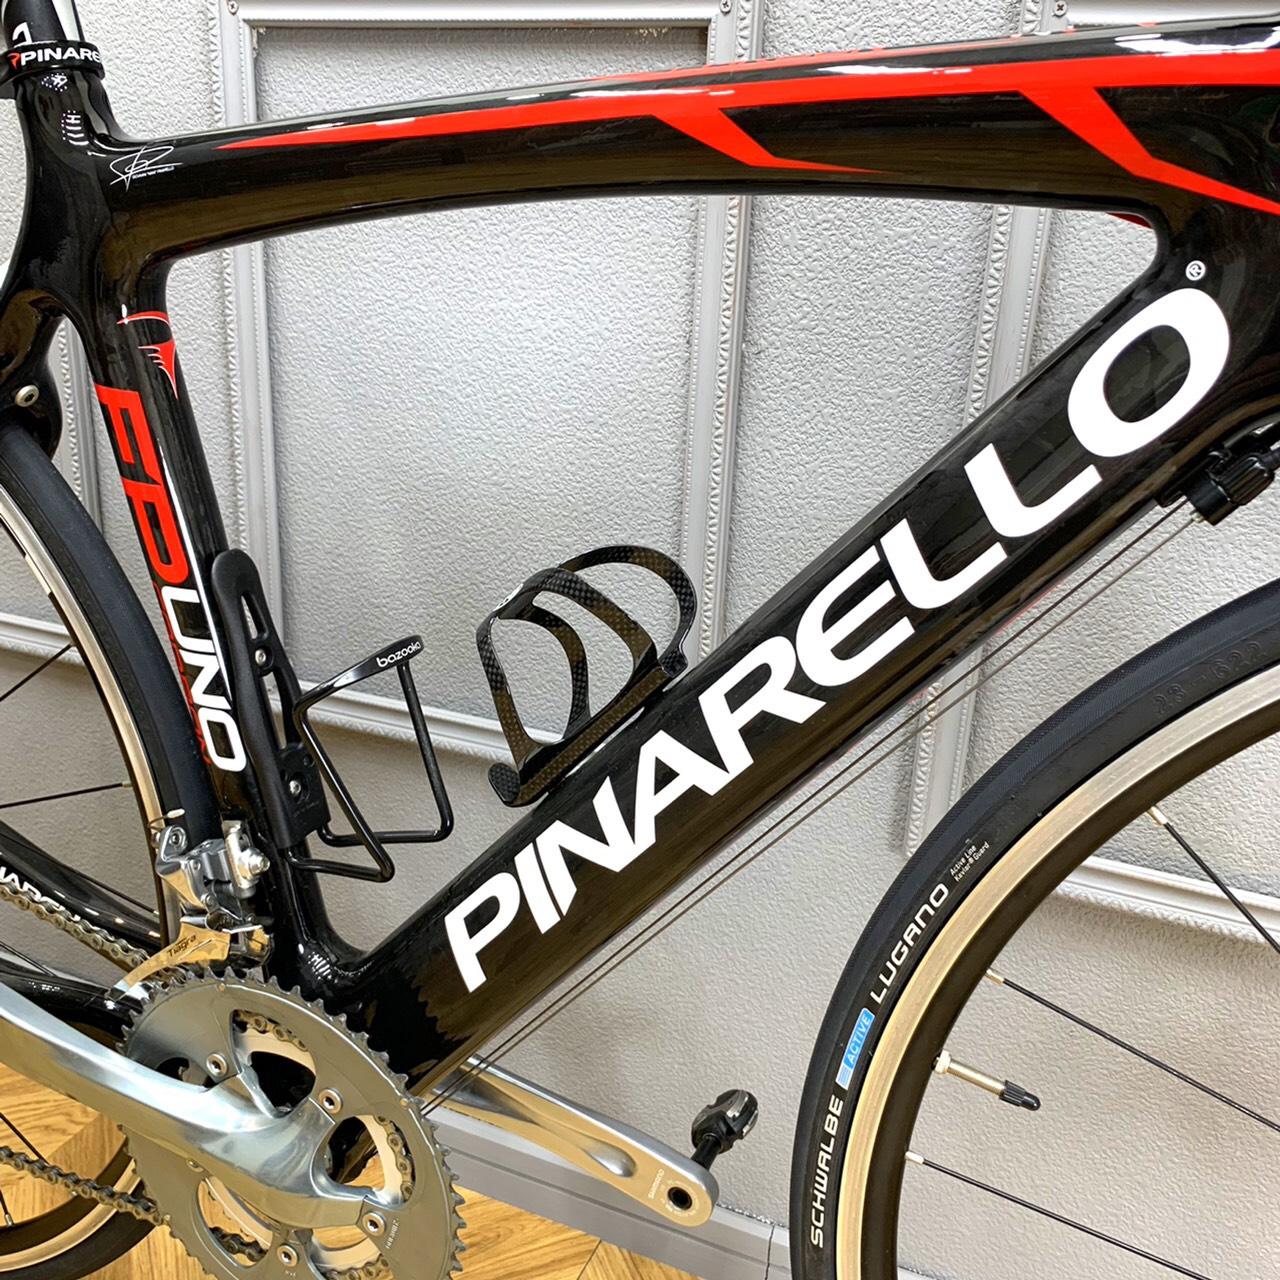 PINARELLOピナレロ フルカーボンロードバイク FP UNO Carbon  2013年モデル3